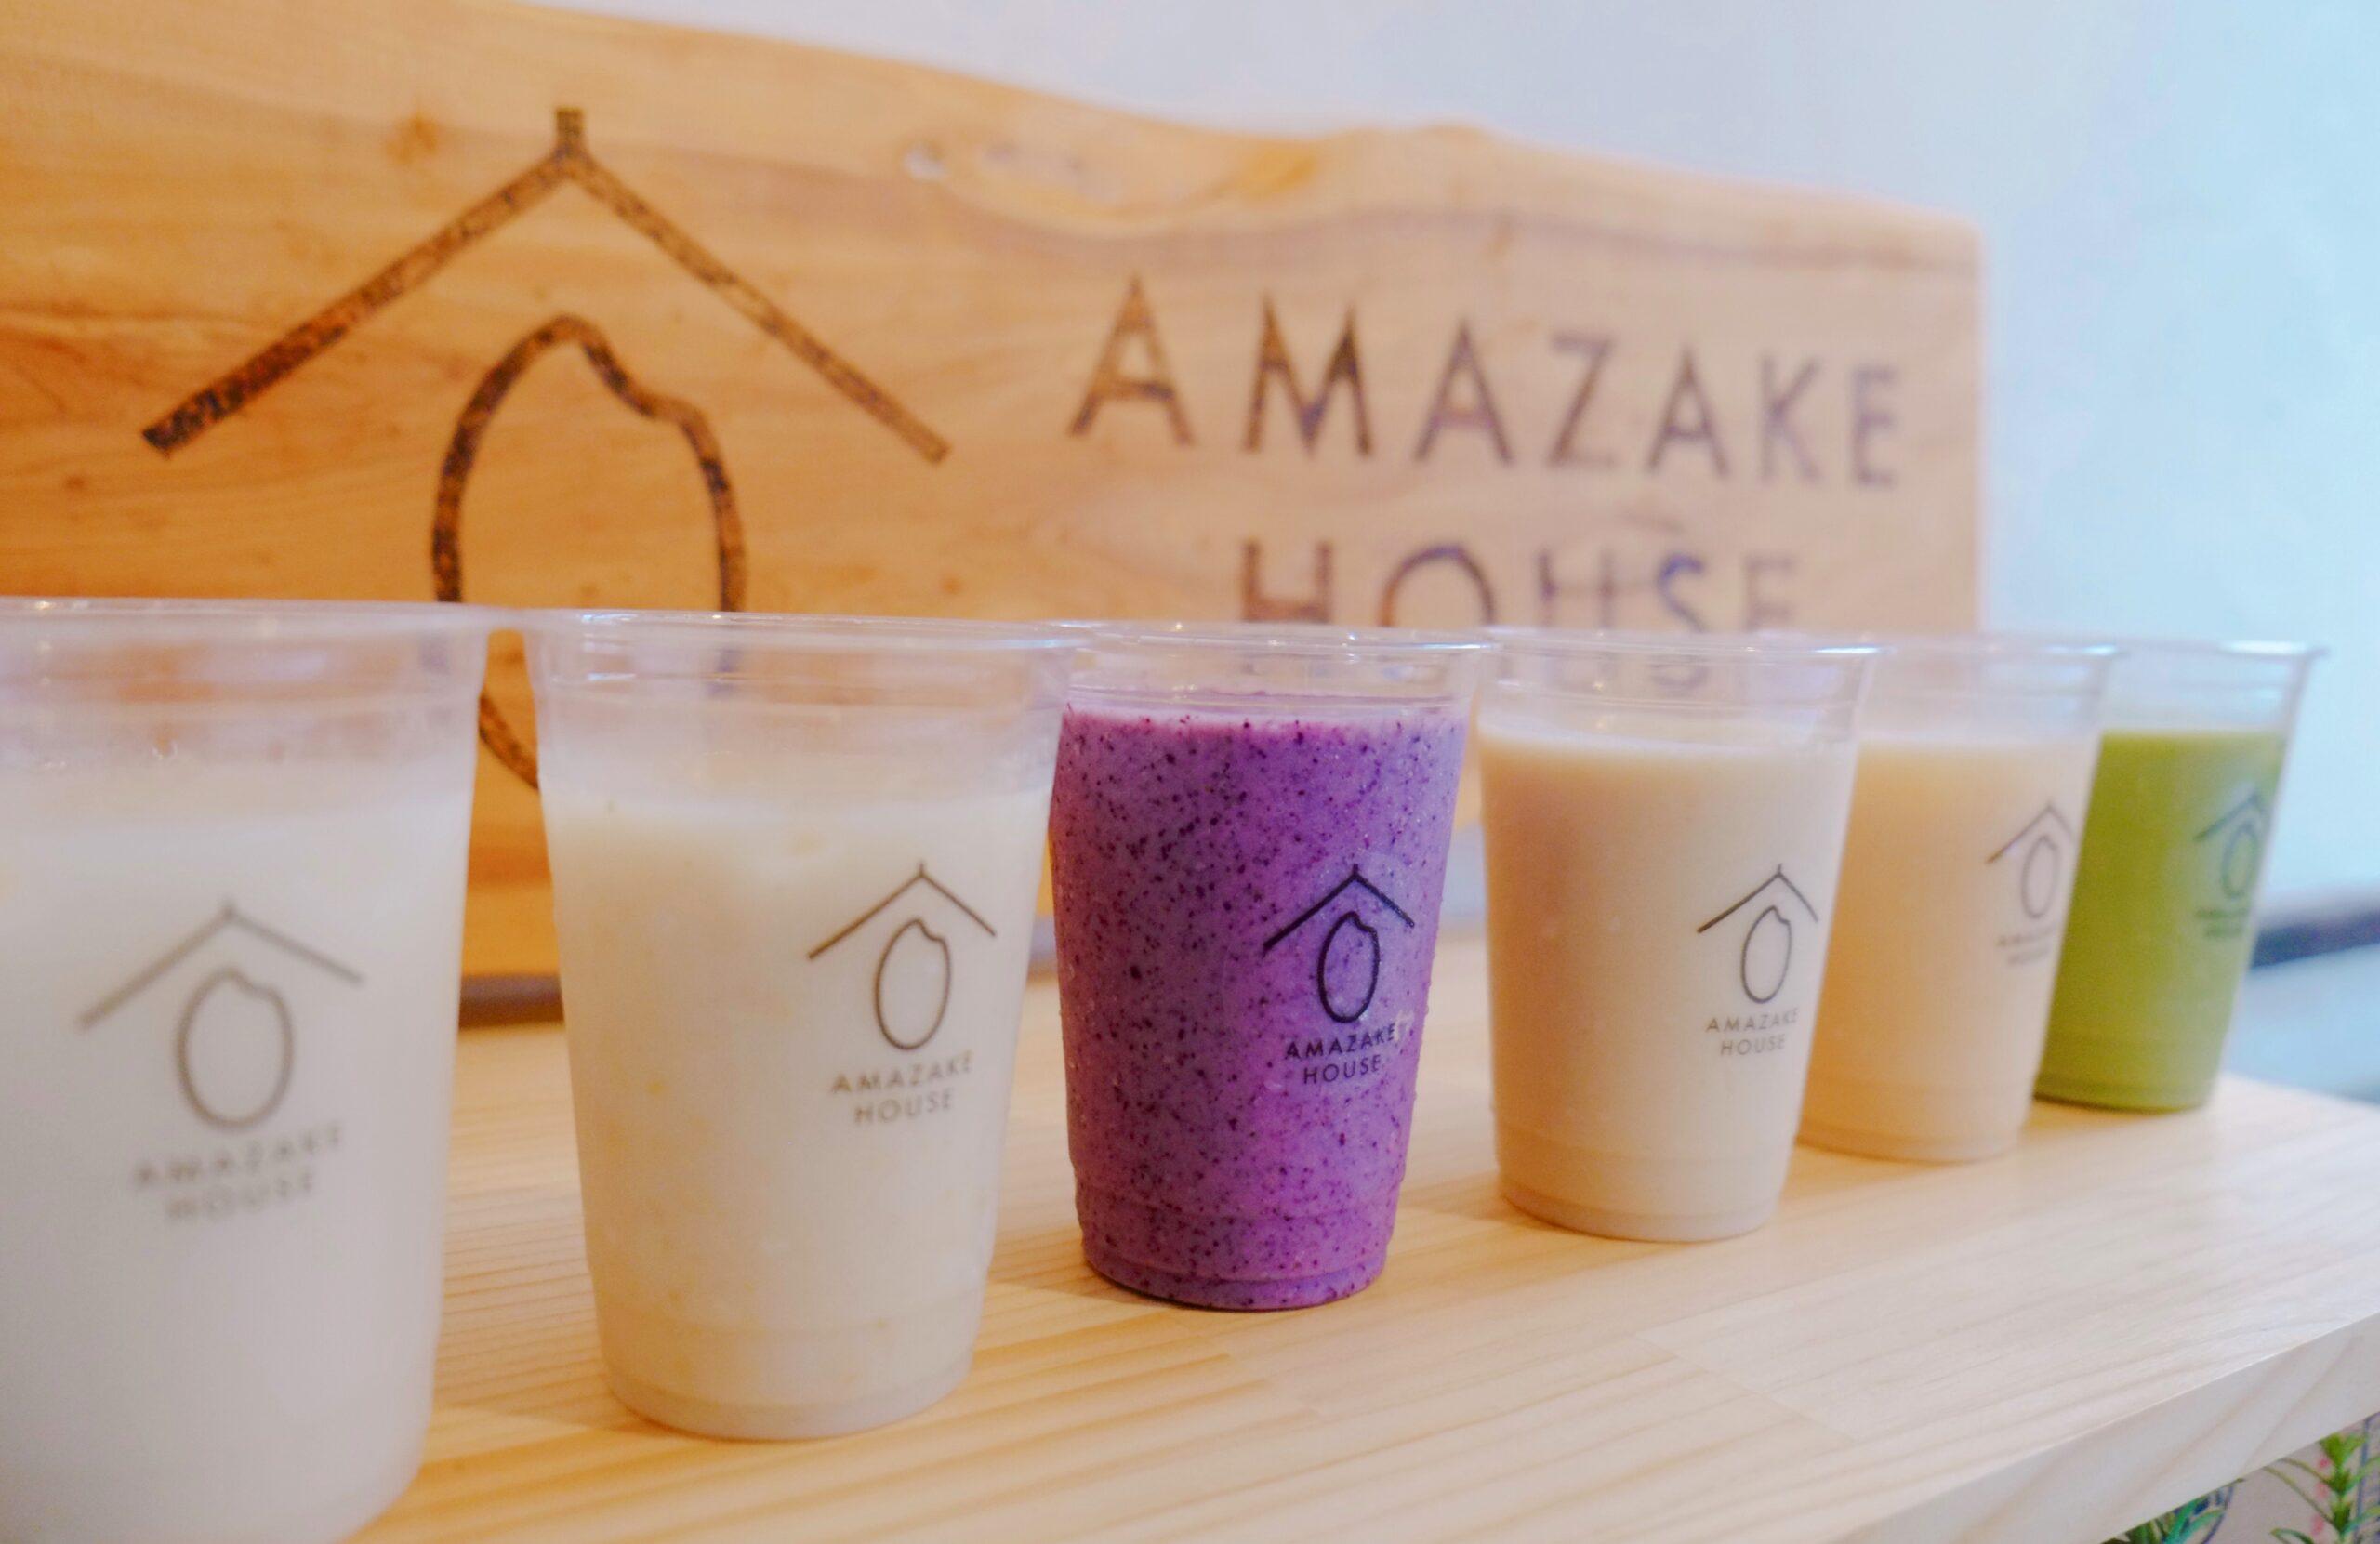 AMAZAKE HOUSE | 自家製生甘酒の専門店